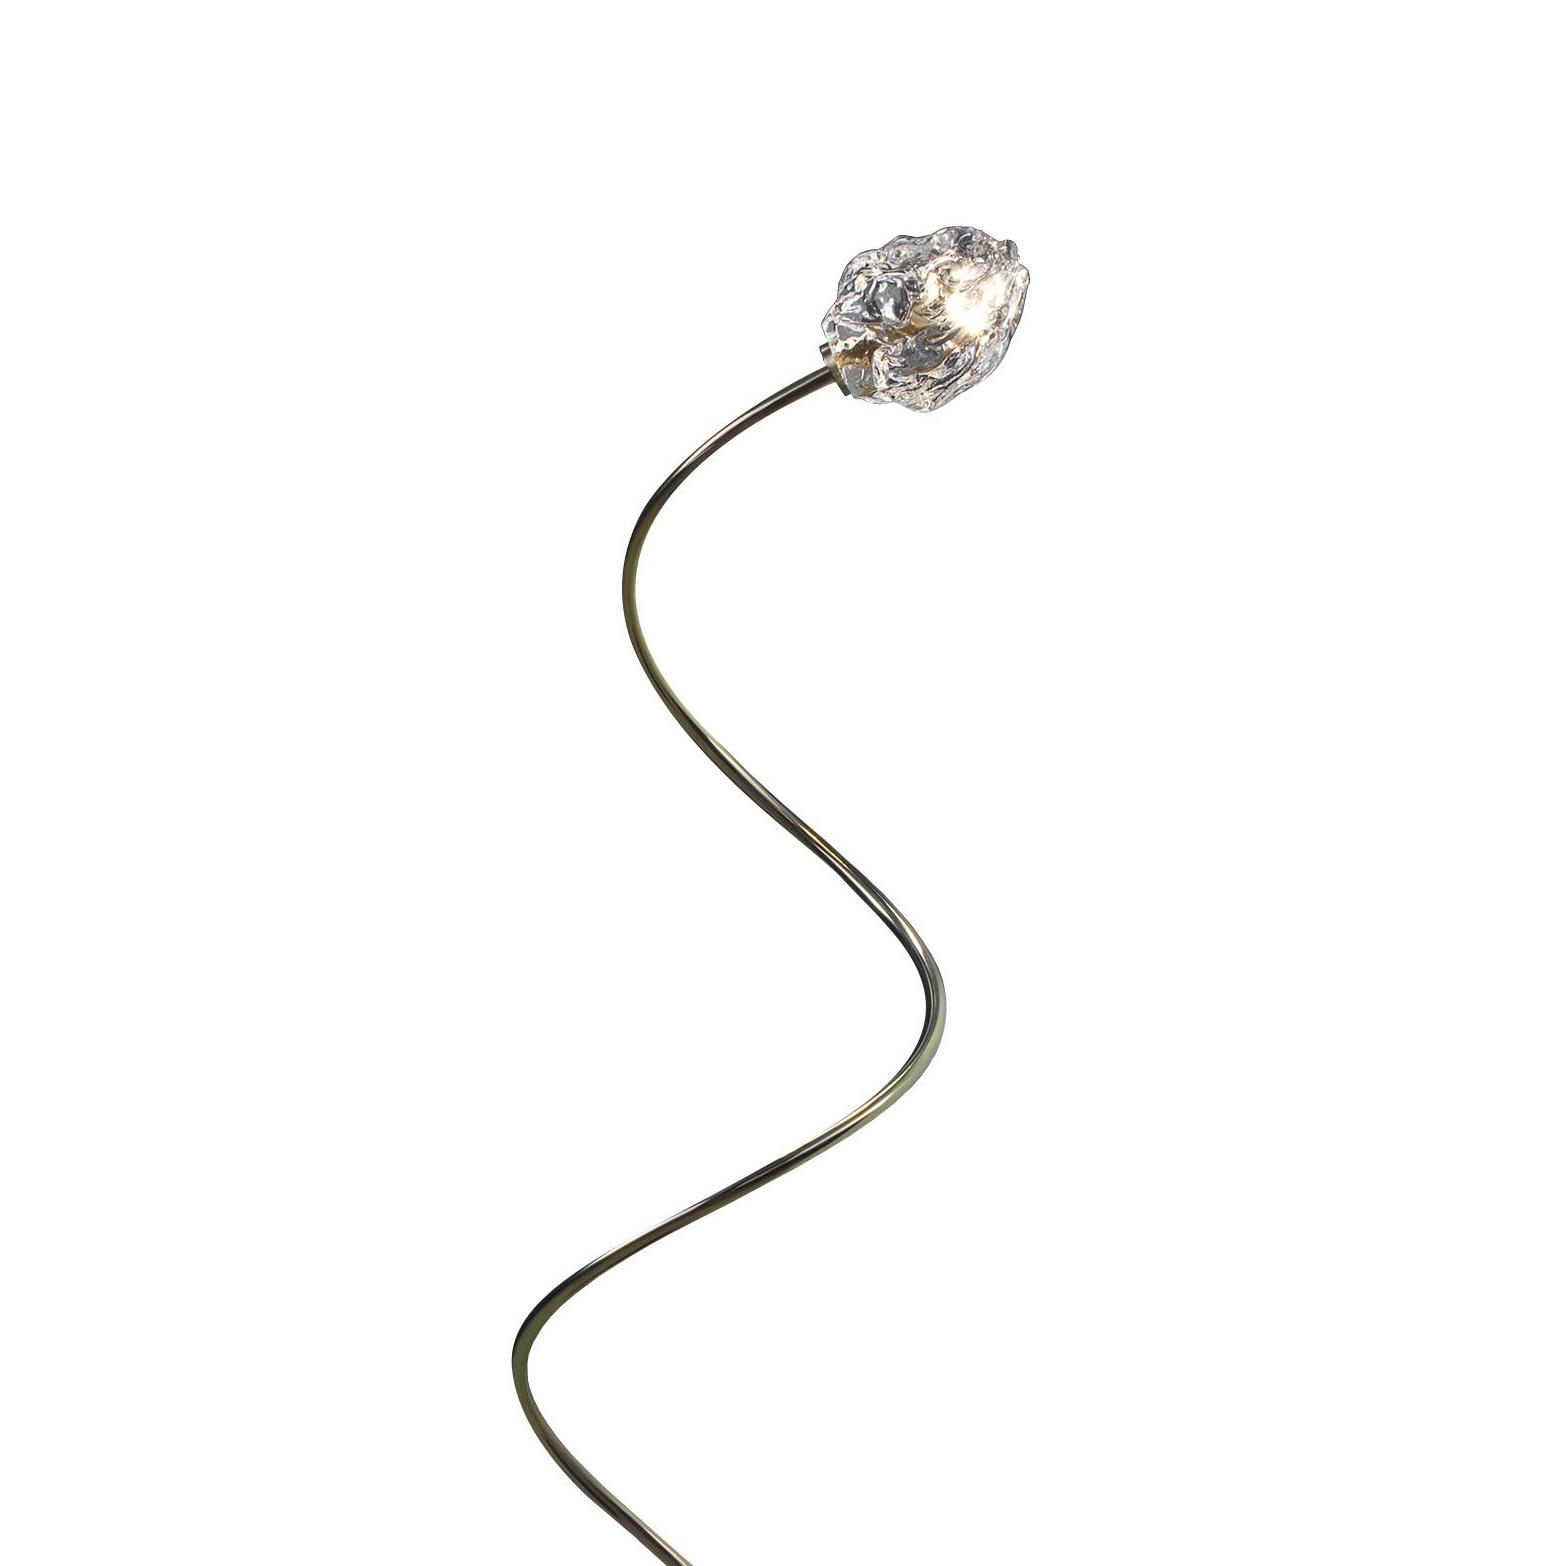 Catellani & Smith - More Außenstehleuchte H 100cm - transparent/Stab grün gold/Schirm H10cm x Ø7cm/Fuß Eisen schwarz/1x LED G4 12V DC IP65 1|5W | Lampen > Aussenlampen > Gartenleuchten | Catellani & Smith